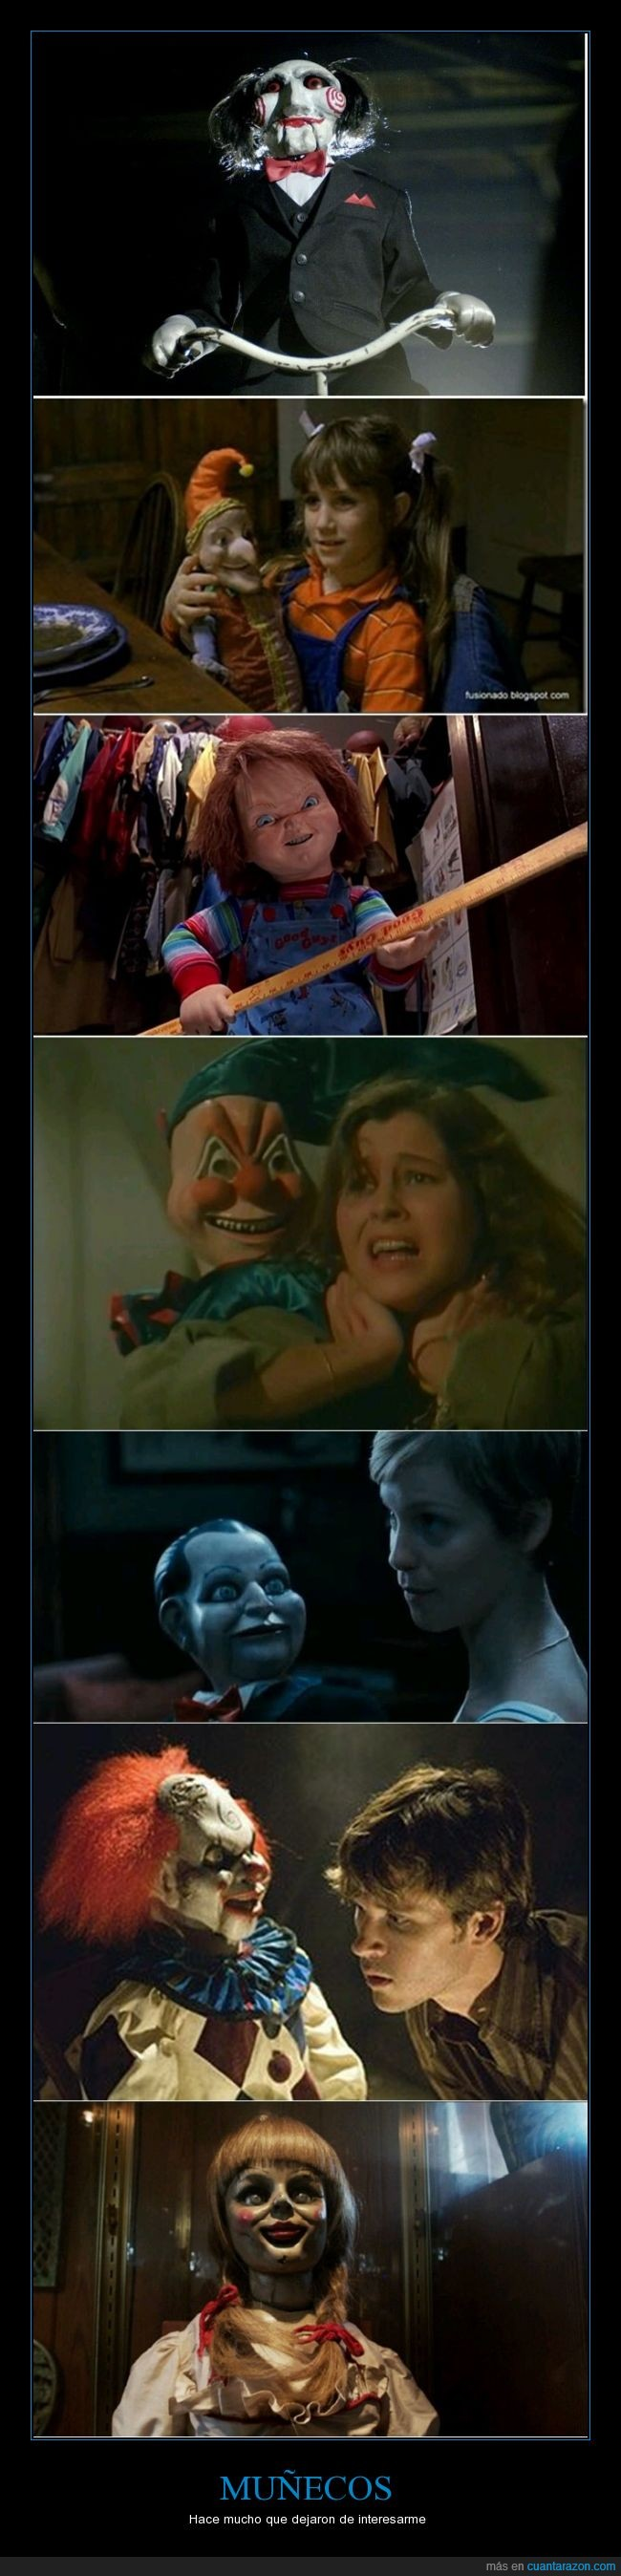 annabelle,chucky,el titere,genero,miedo,muñecos,peliculas,poltergeist,saw,terror